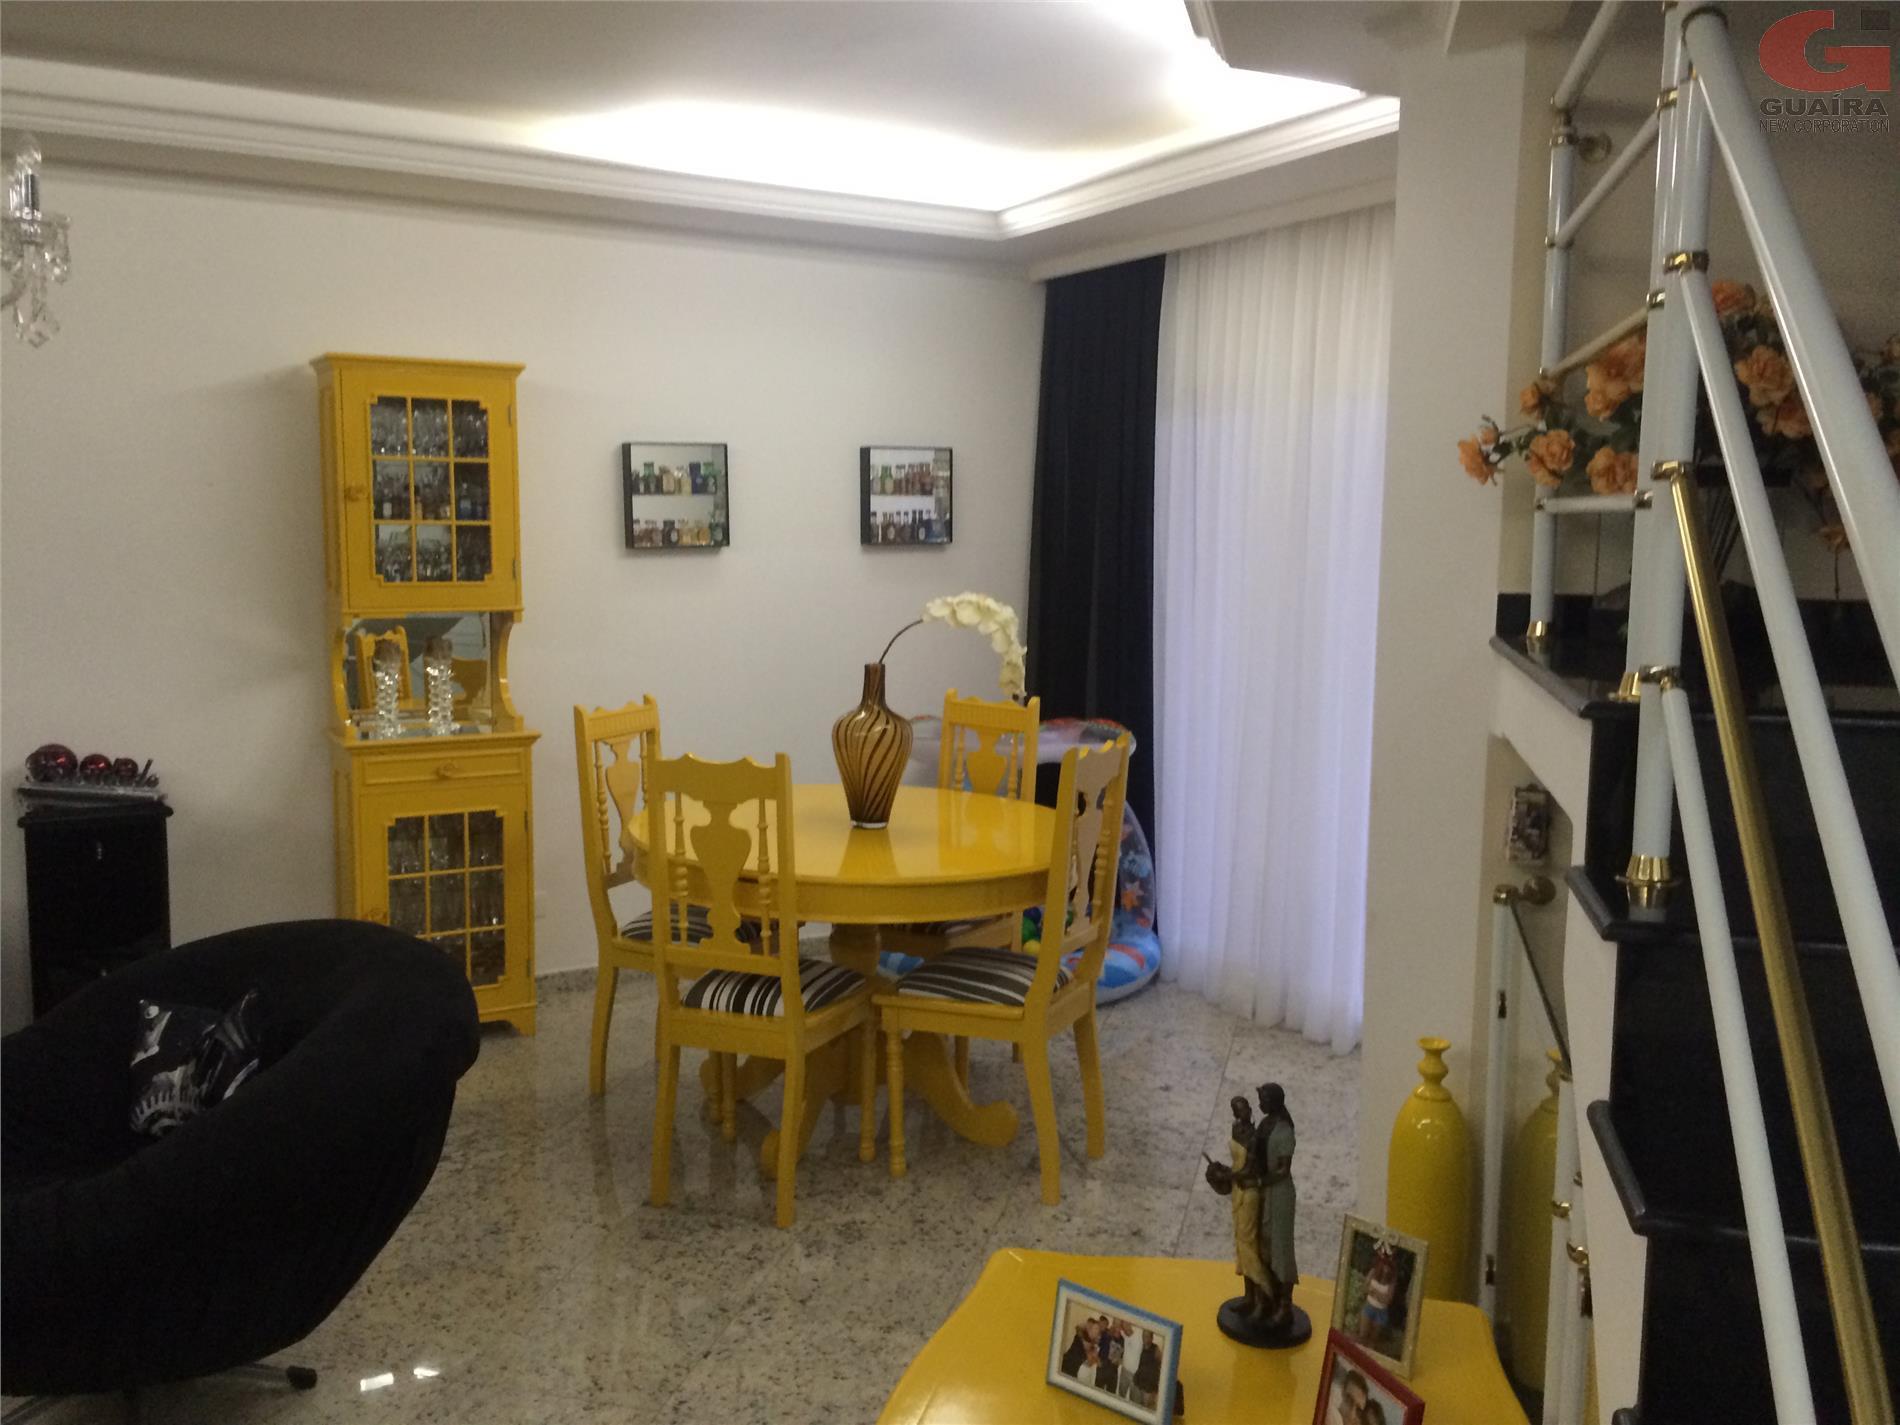 Sobrado de 6 dormitórios à venda em Swiss Park, São Bernardo Do Campo - SP